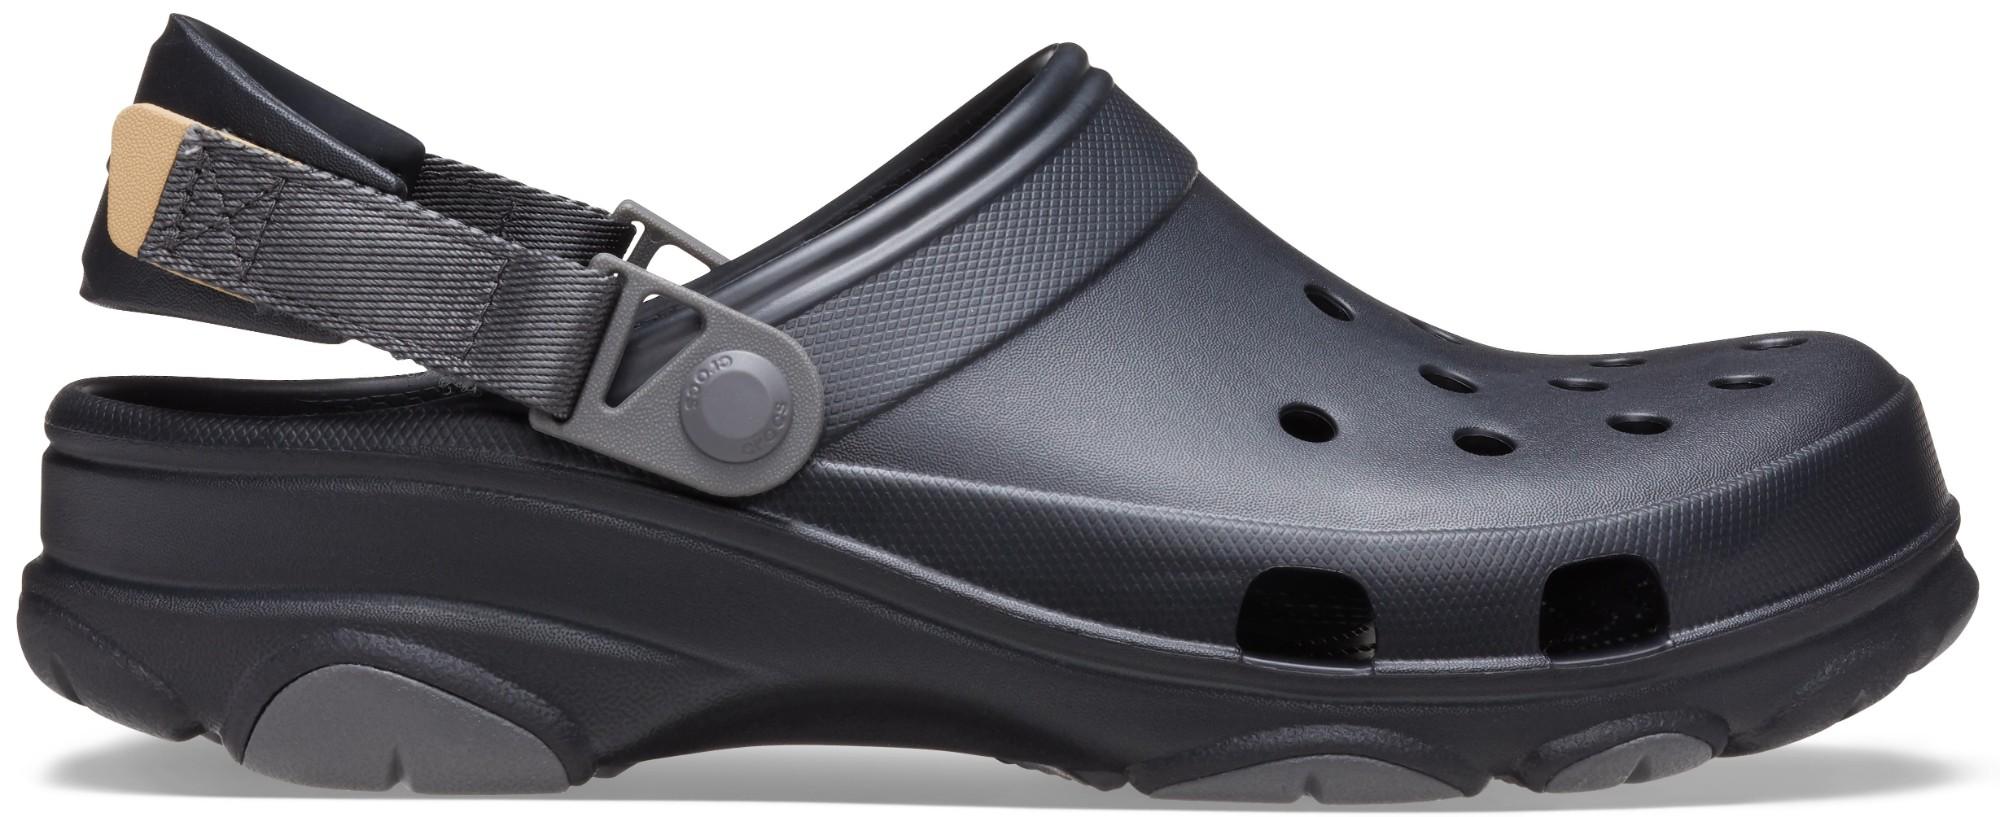 Crocs™ Classic All Terrain Clog Black 41